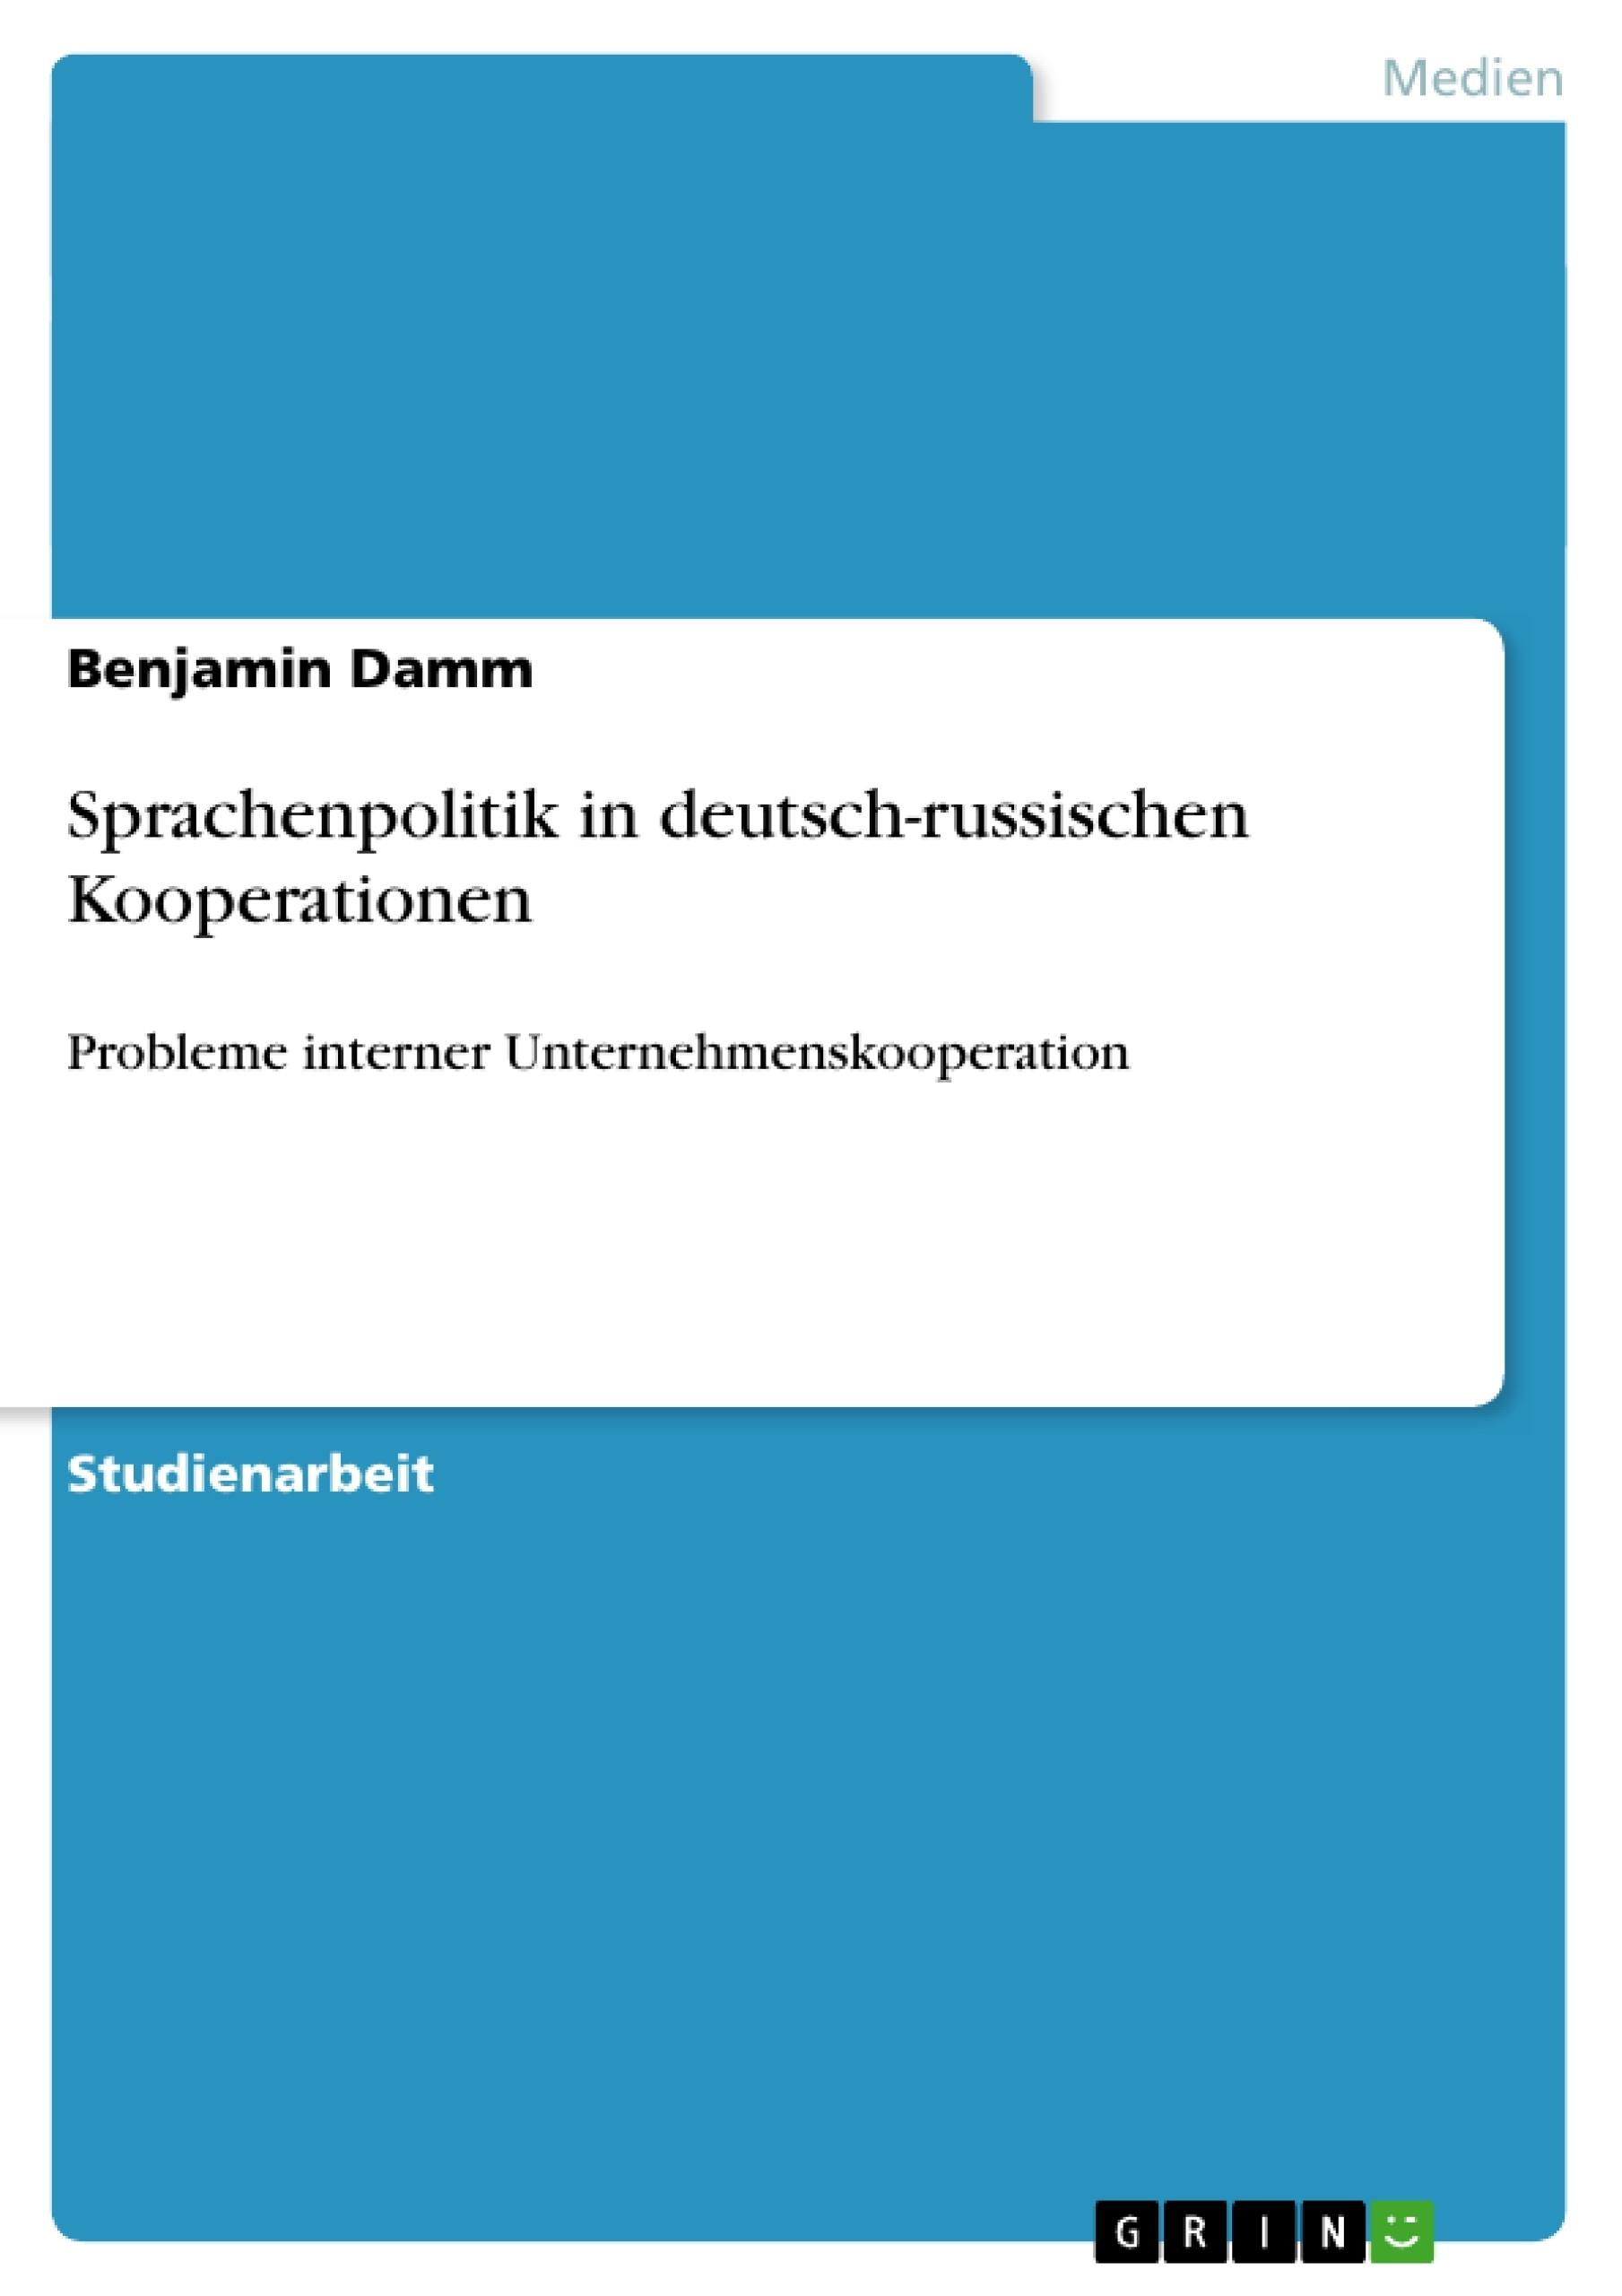 Titel: Sprachenpolitik in deutsch-russischen Kooperationen